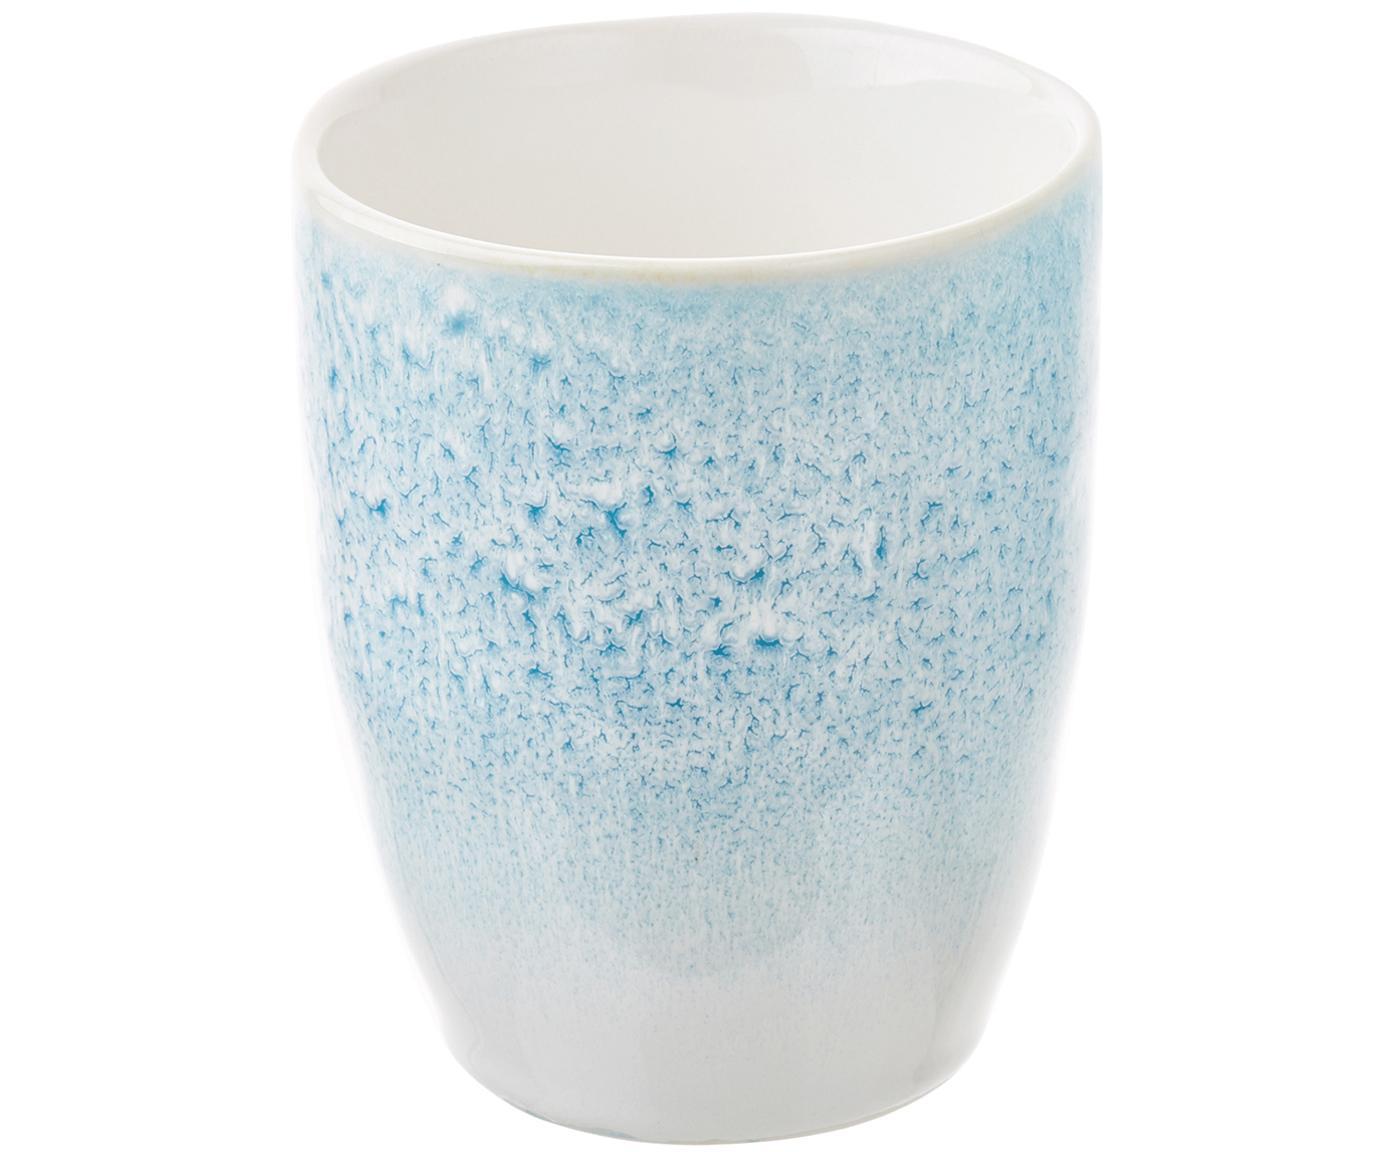 Handgemachte Becher Amalia mit effektvoller Glasur, 2 Stück, Porzellan, Hellblau, Cremeweiß, Ø 10 x H 11 cm